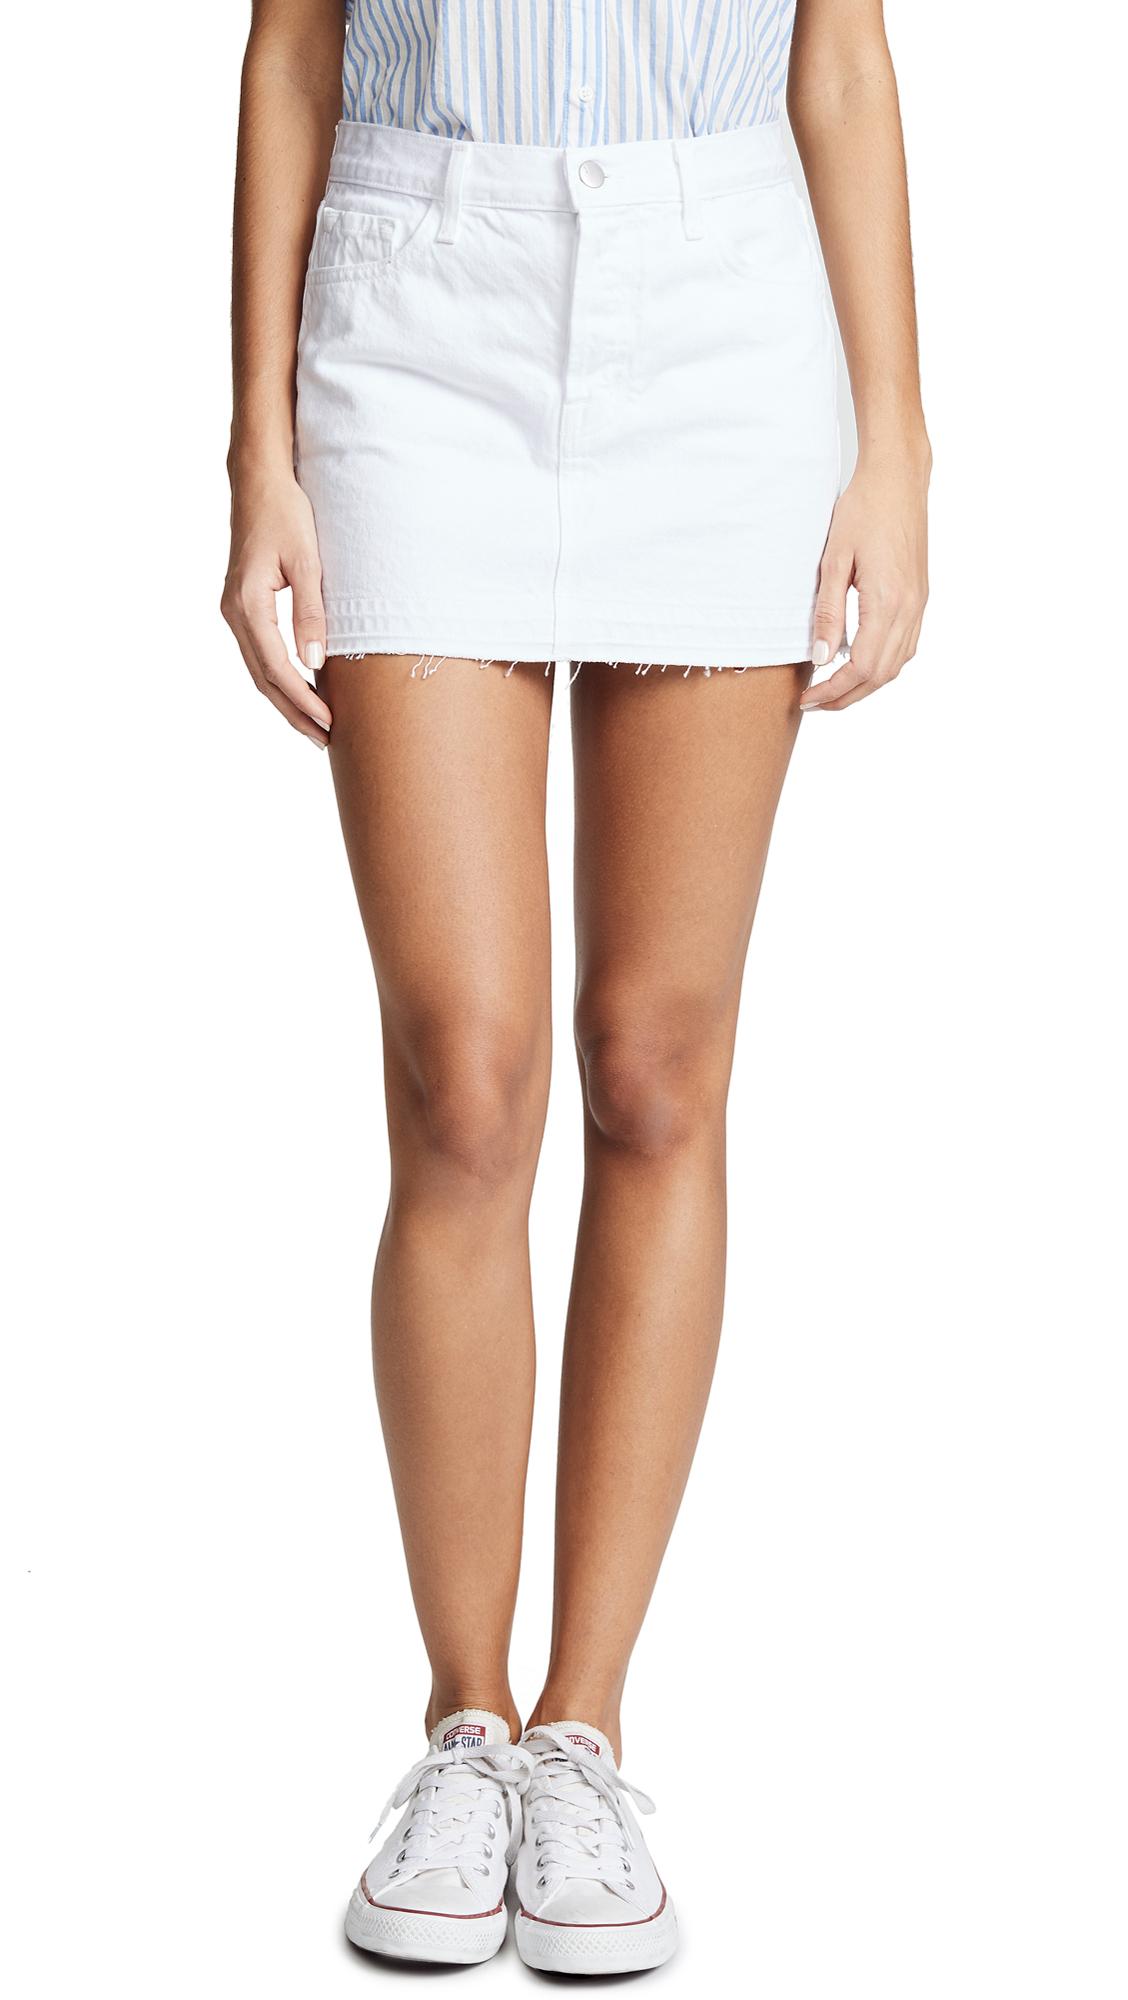 J Brand Bonny Mid Rise Miniskirt In White